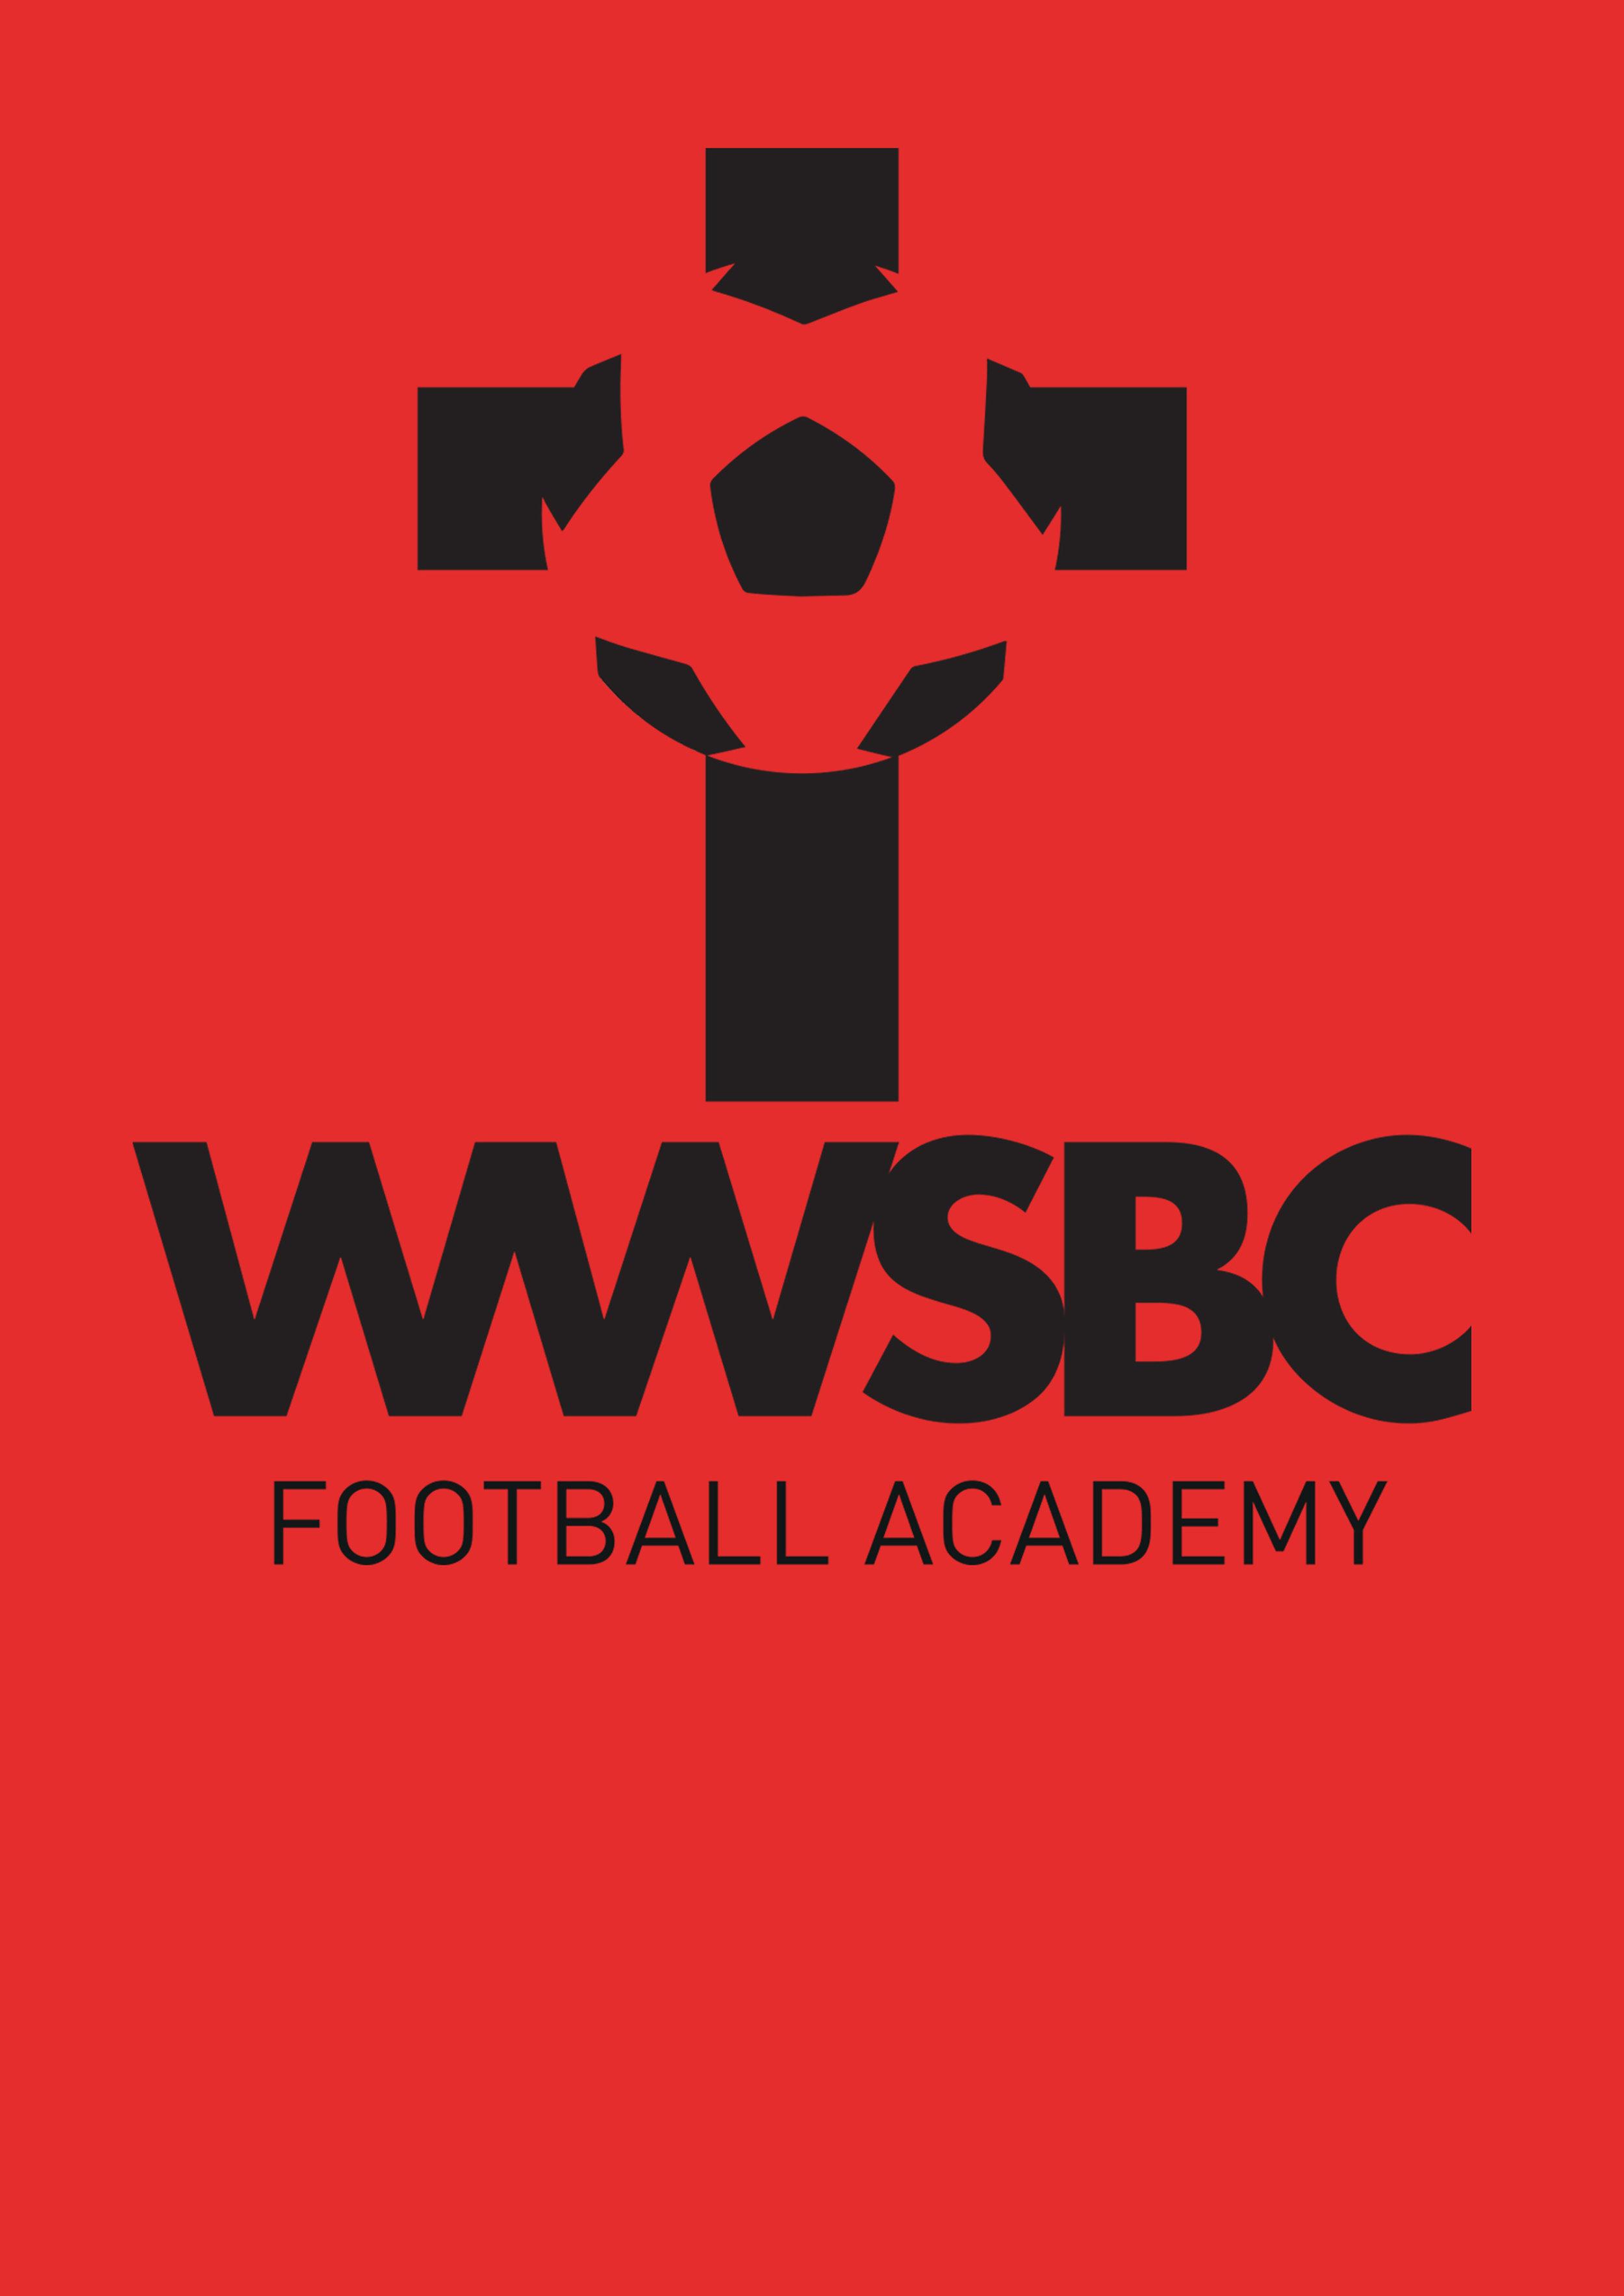 WWSBC FA.jpg